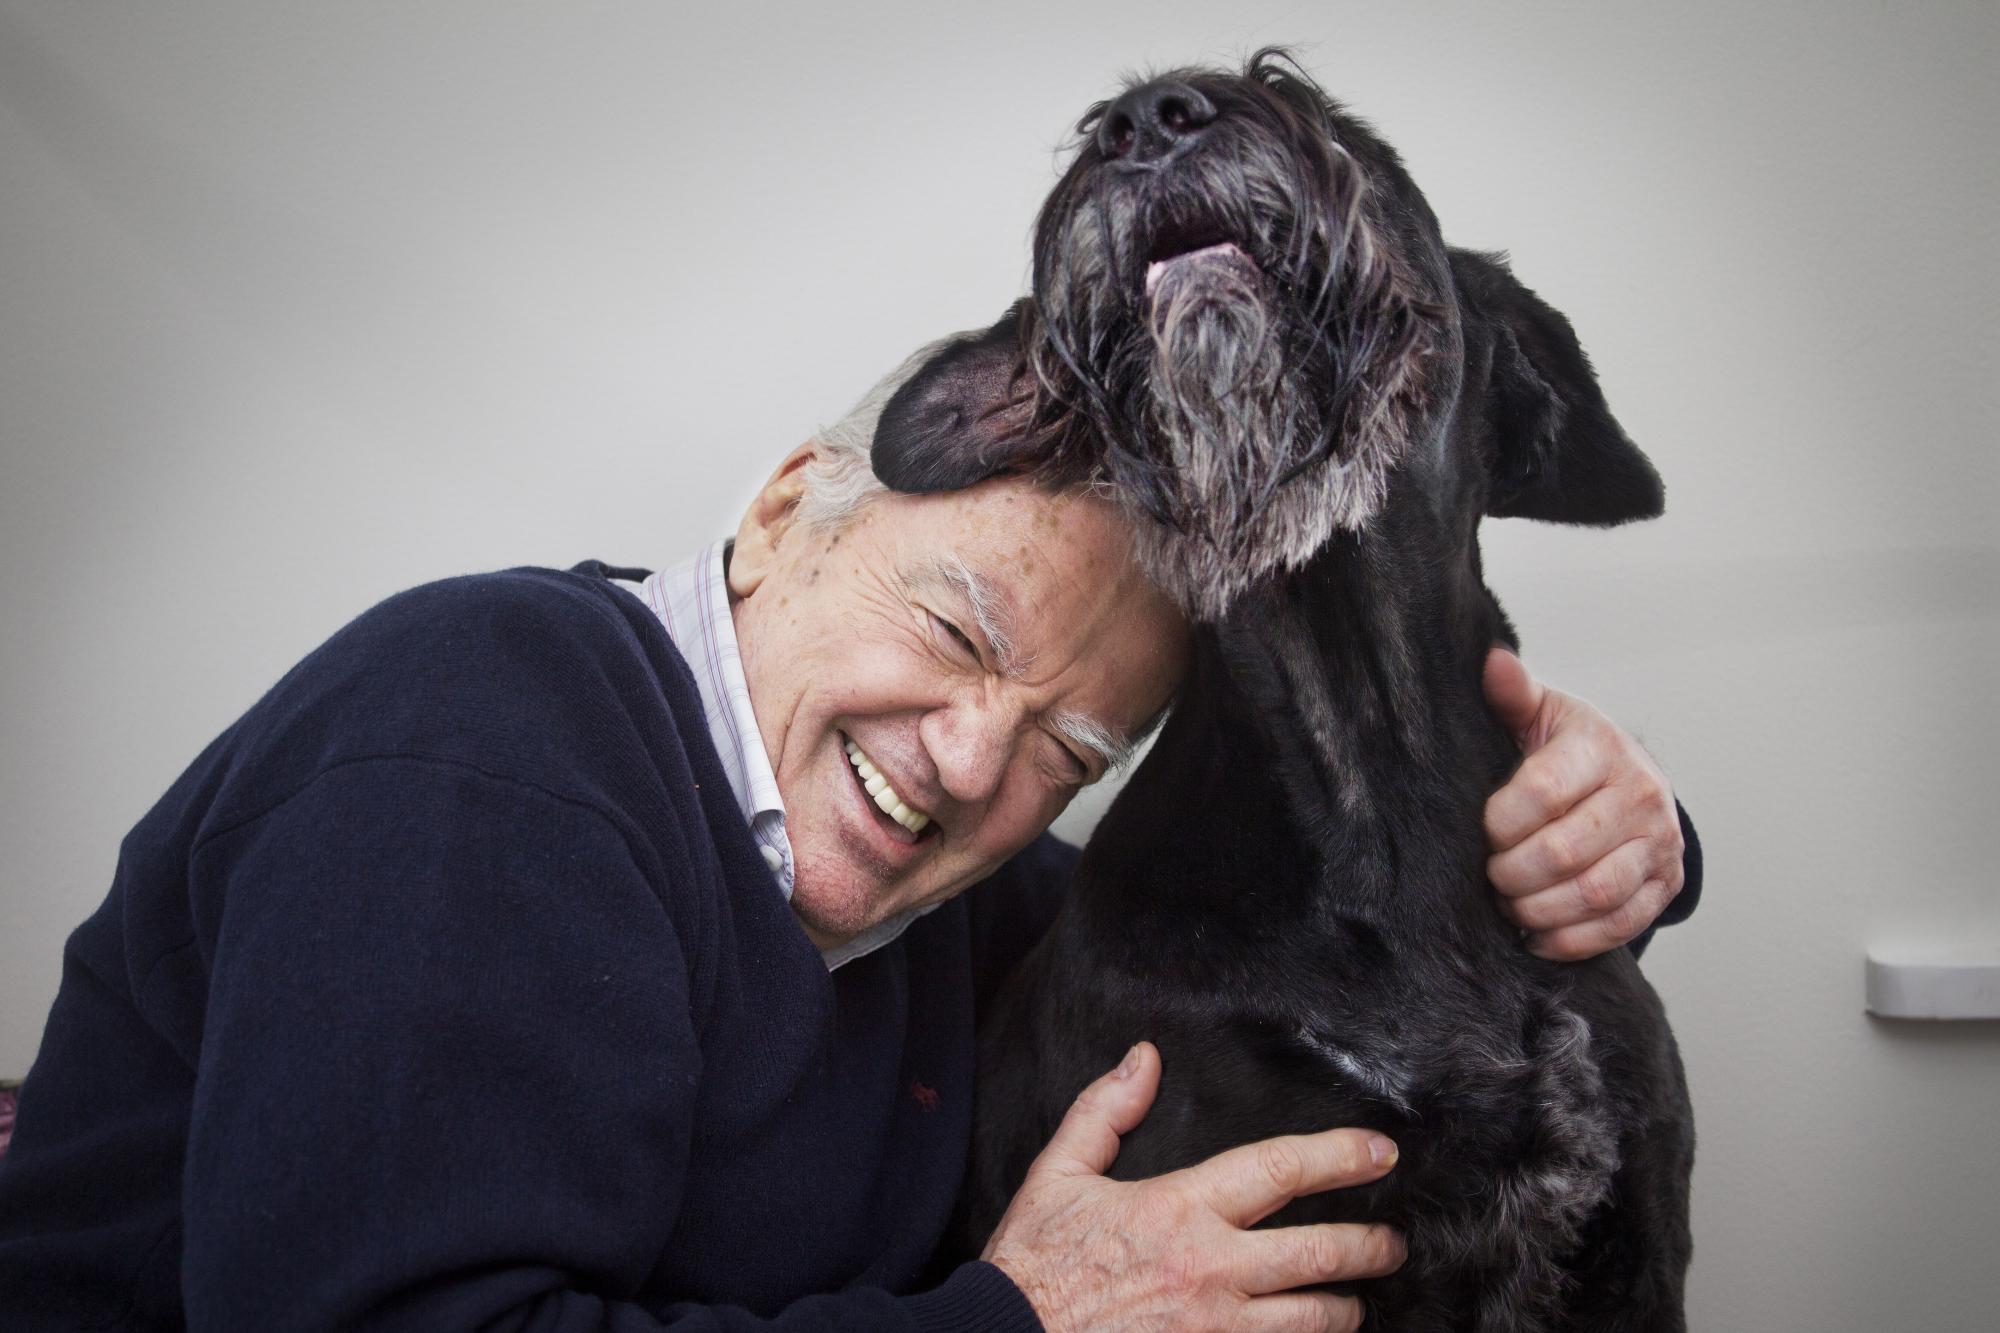 <div><span>György Horvath hund Lotti kan avgöra om en äggstock har cancer. HE träffade de båda när husse fått patent på en konstgjord nos.</span></div>Klicka på bilden för att komma till reportaget.